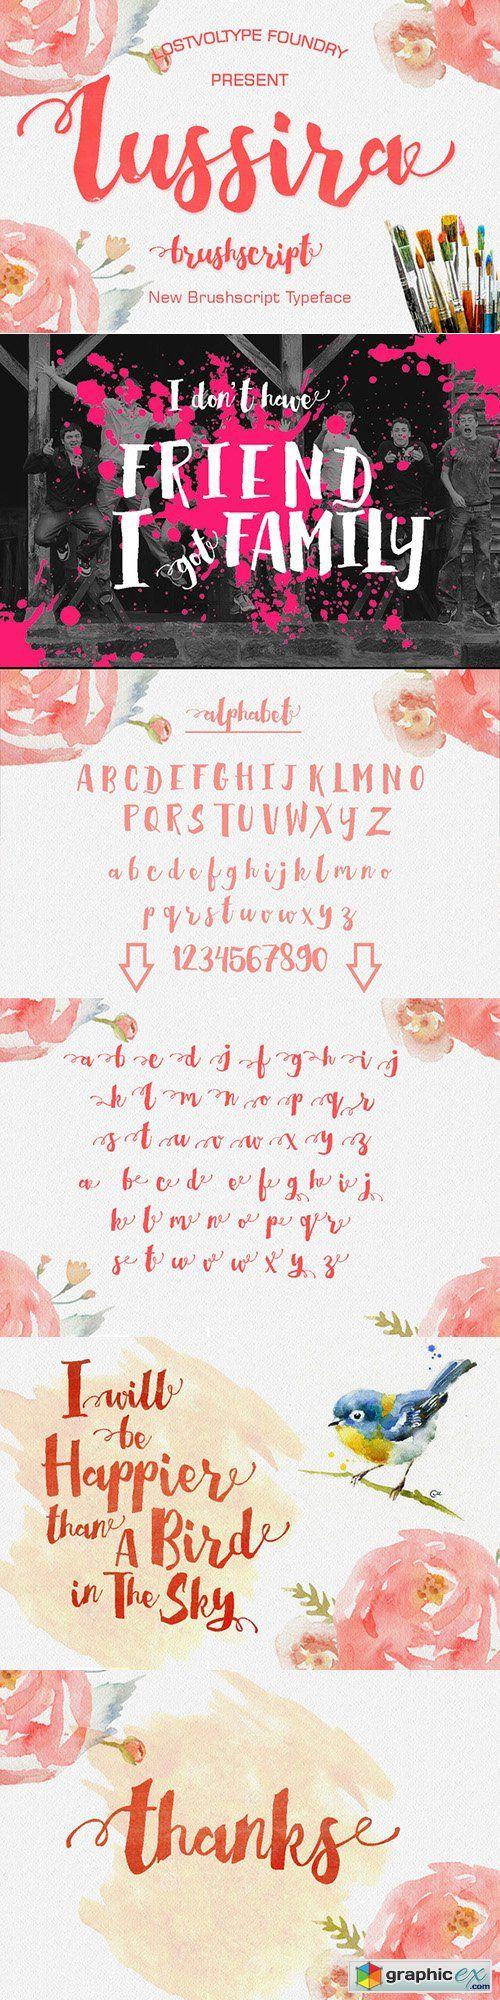 Lussira Brushscript